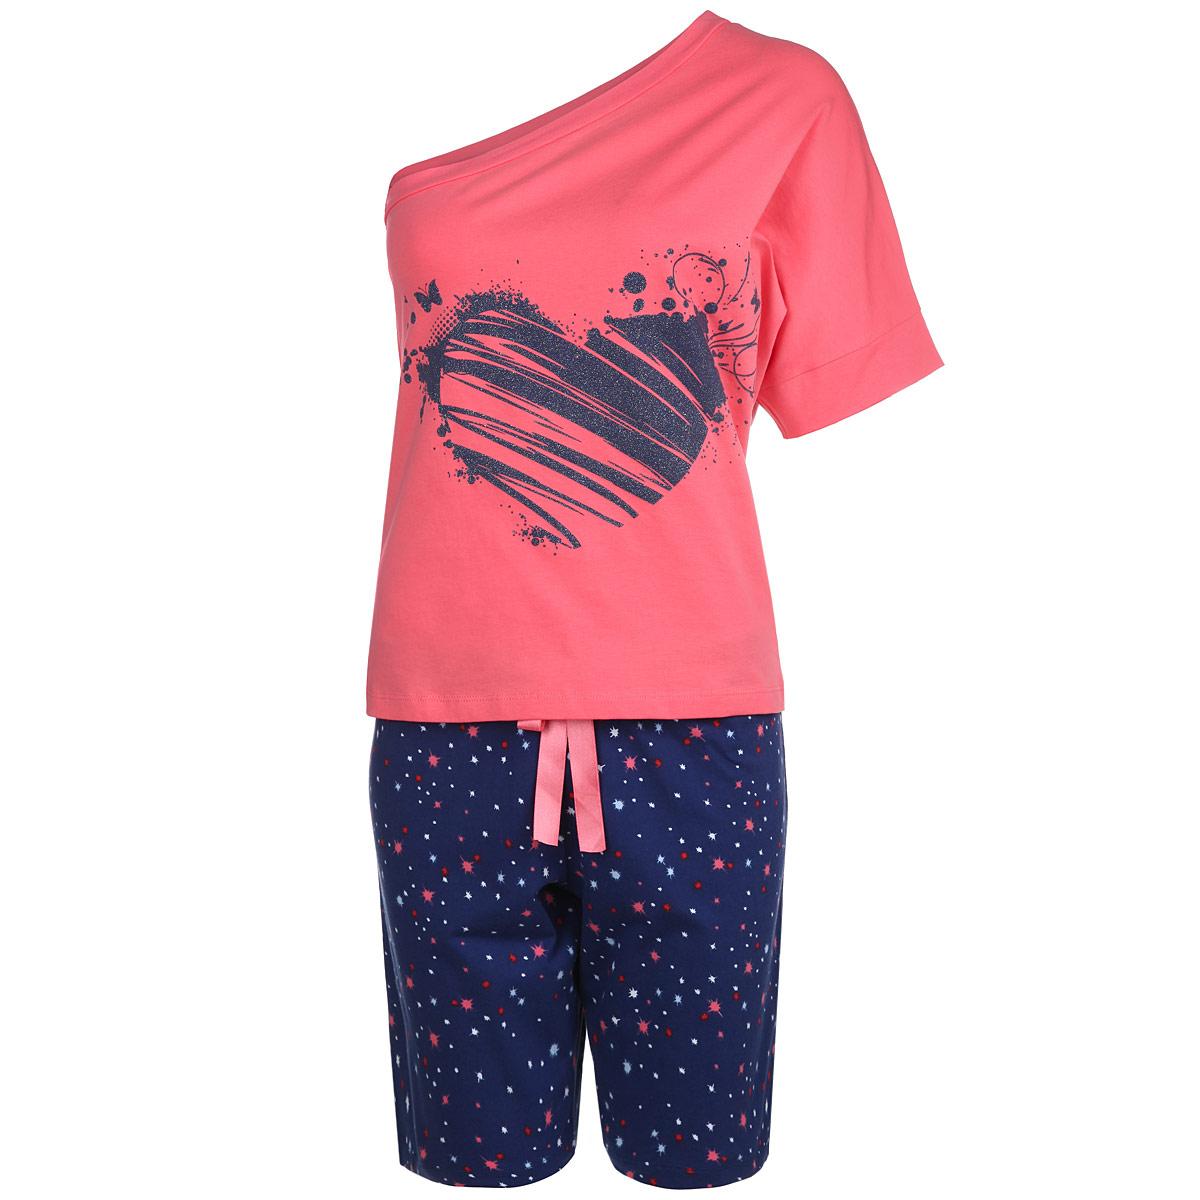 Пижама женская. 602602Женская пижама Milana Style состоит из футболки с коротким рукавом и шортиков. Пижама выполнена из приятного на ощупь хлопкового материала. Футболка и шорты не сковывают движения и позволяют коже дышать. Футболка свободного кроя с ассиметричным вырезом на одно плечо спереди оформлена принтовым рисунком с блестками. Прямые свободные шорты на широкой эластичной резинке оформлены принтом с изображением звезд и на талии дополнены атласным бантиком в тон футболки. Идеальные конструкции и приятное цветовое решение - отличный выбор на каждый день. В такой пижаме вам будет максимально комфортно и уютно.